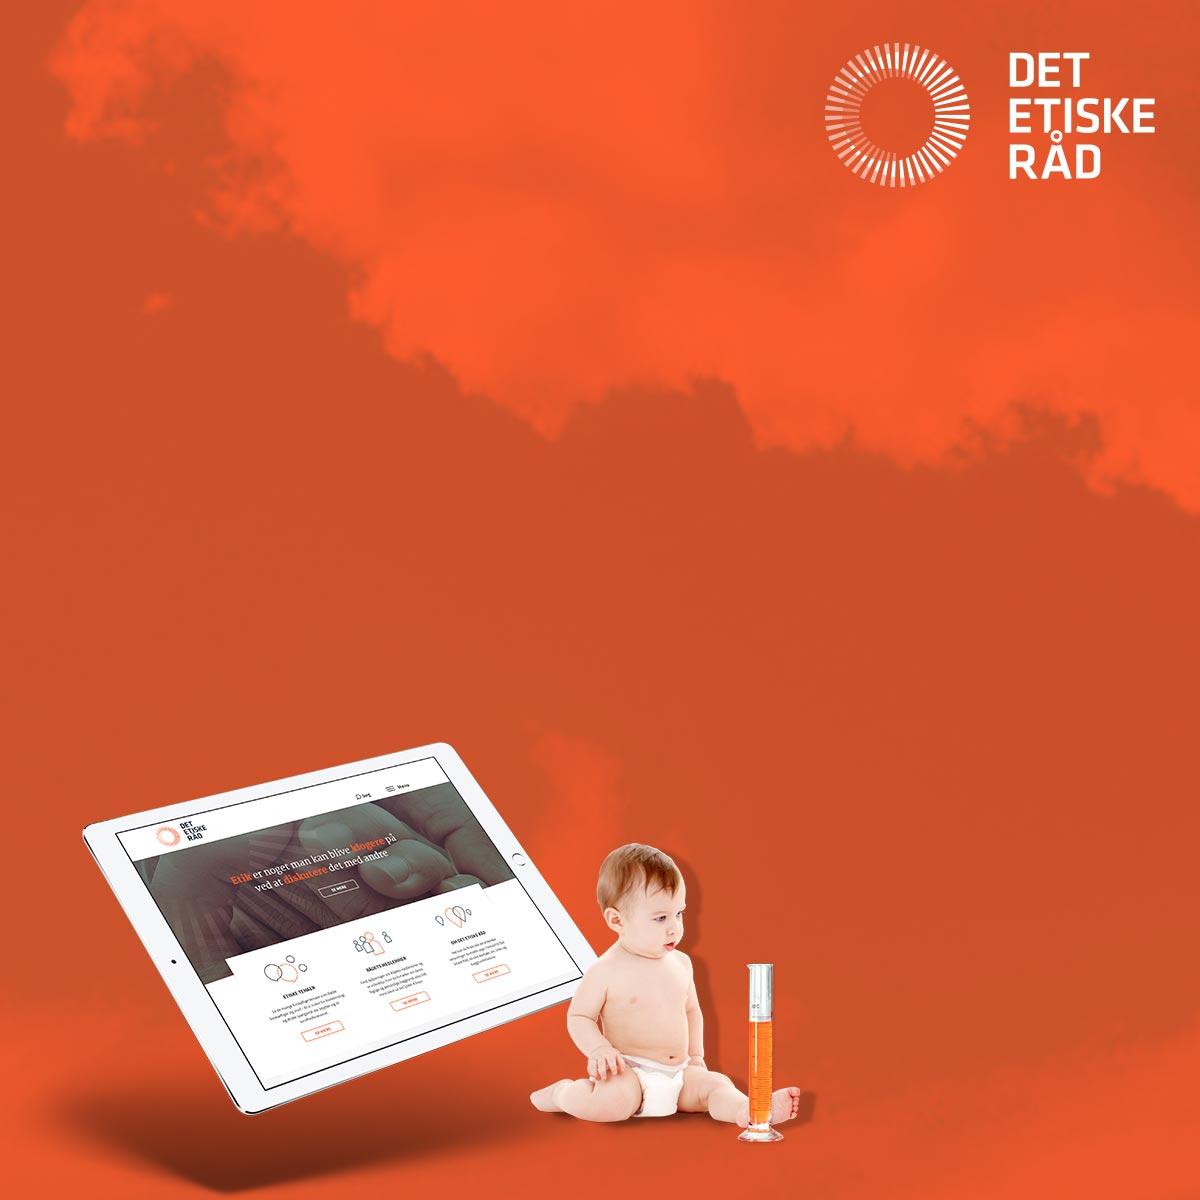 Stærk visuel identitet og hjemmeside til Det Etiske Råd